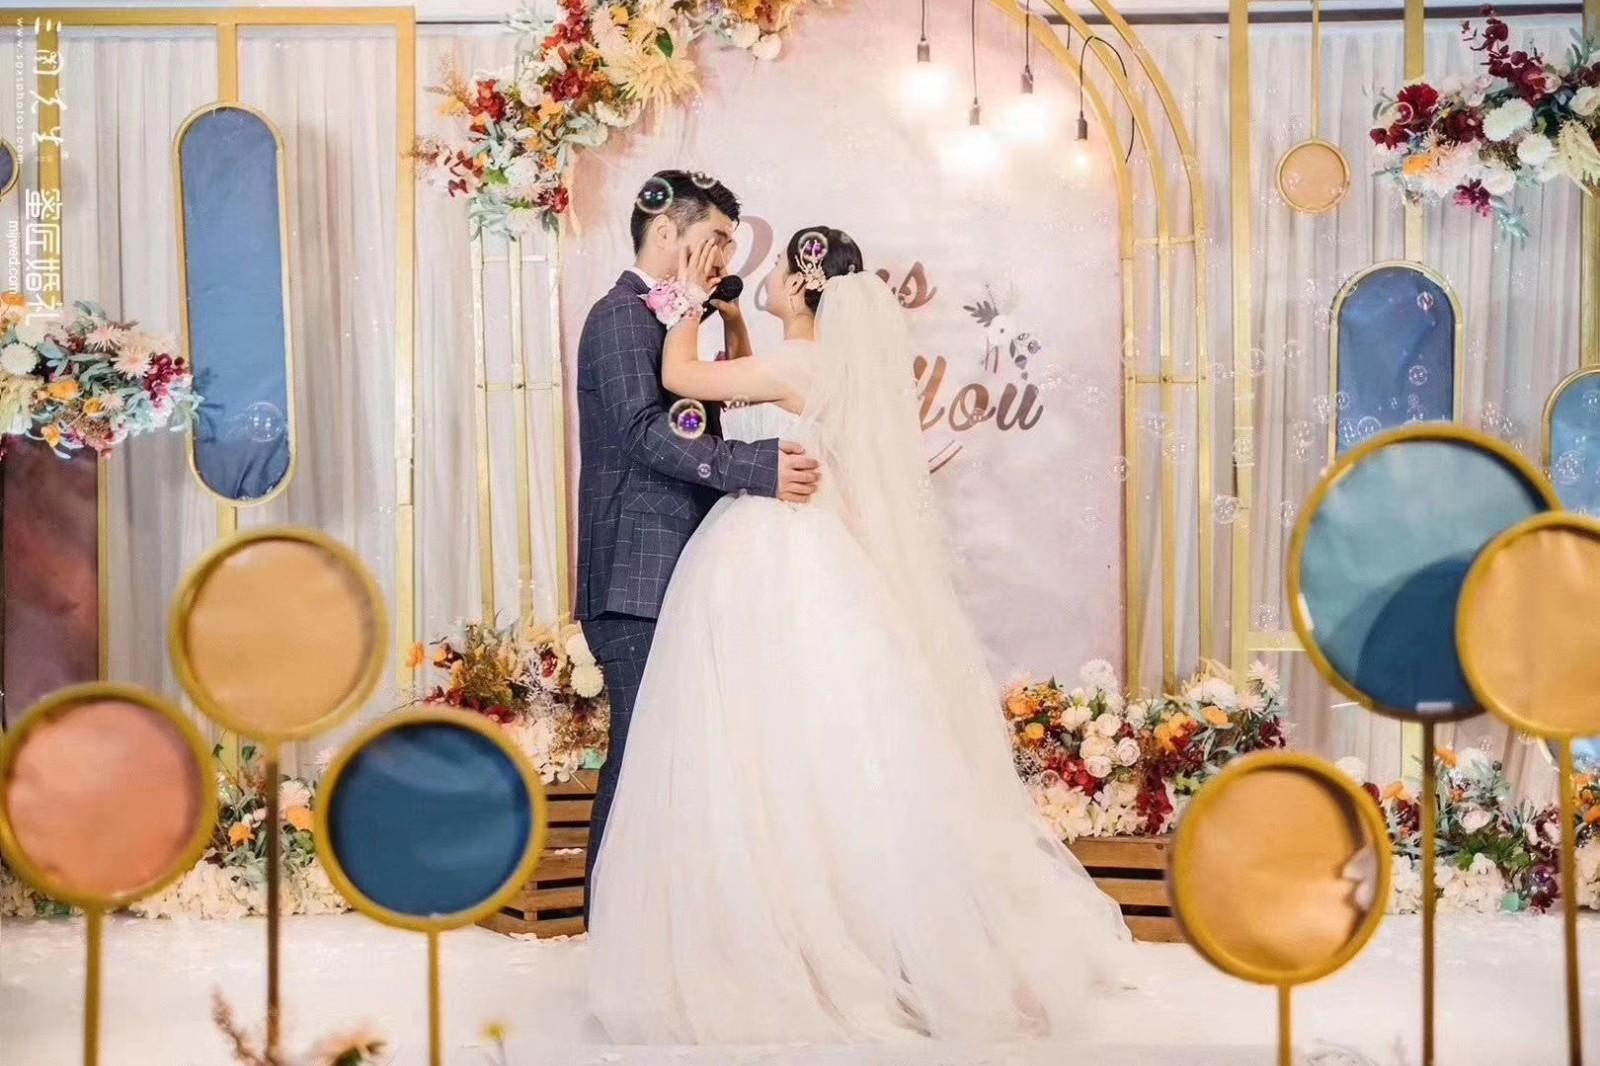 婚礼上简短的表白情话 十句简短表白的话2020